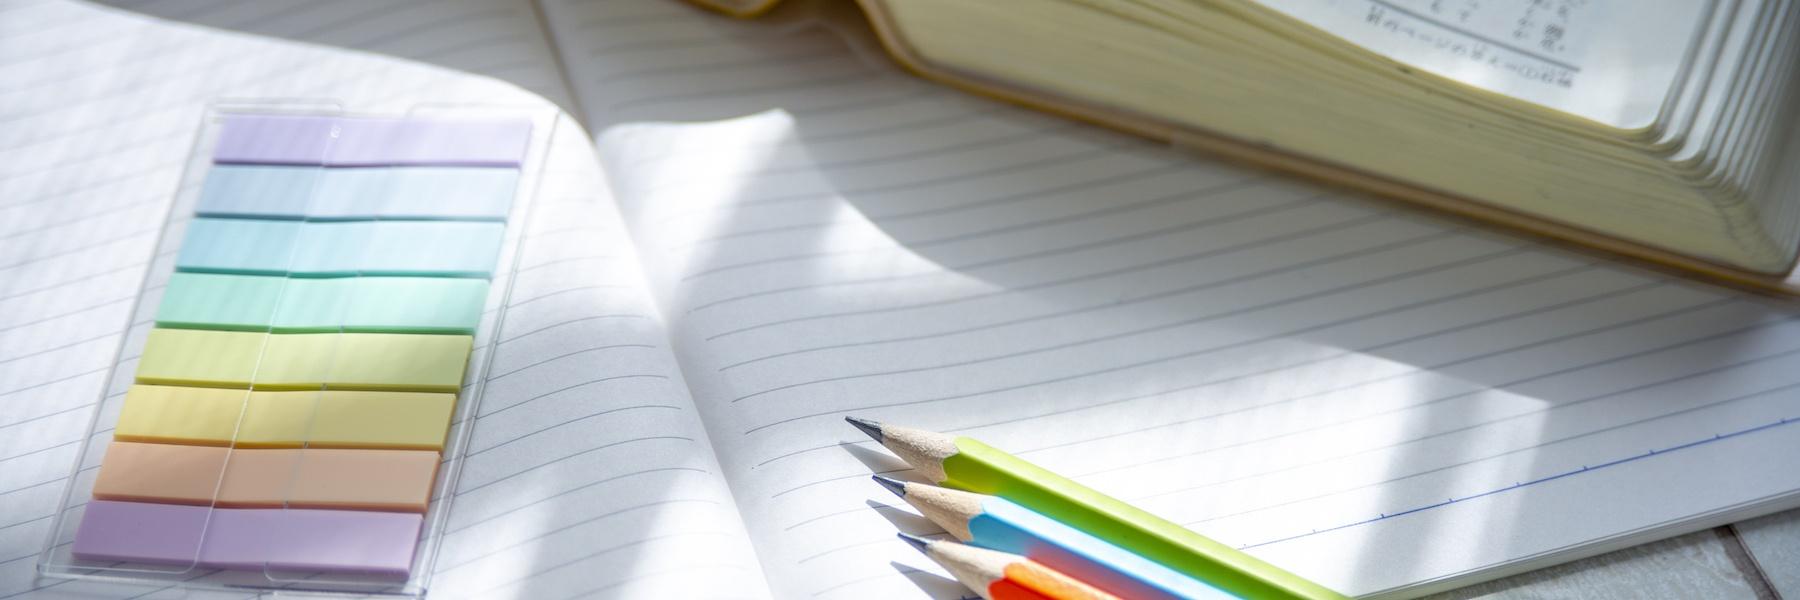 憧れのリフレクソロジストに!最短で資格取得する勉強方法とは?